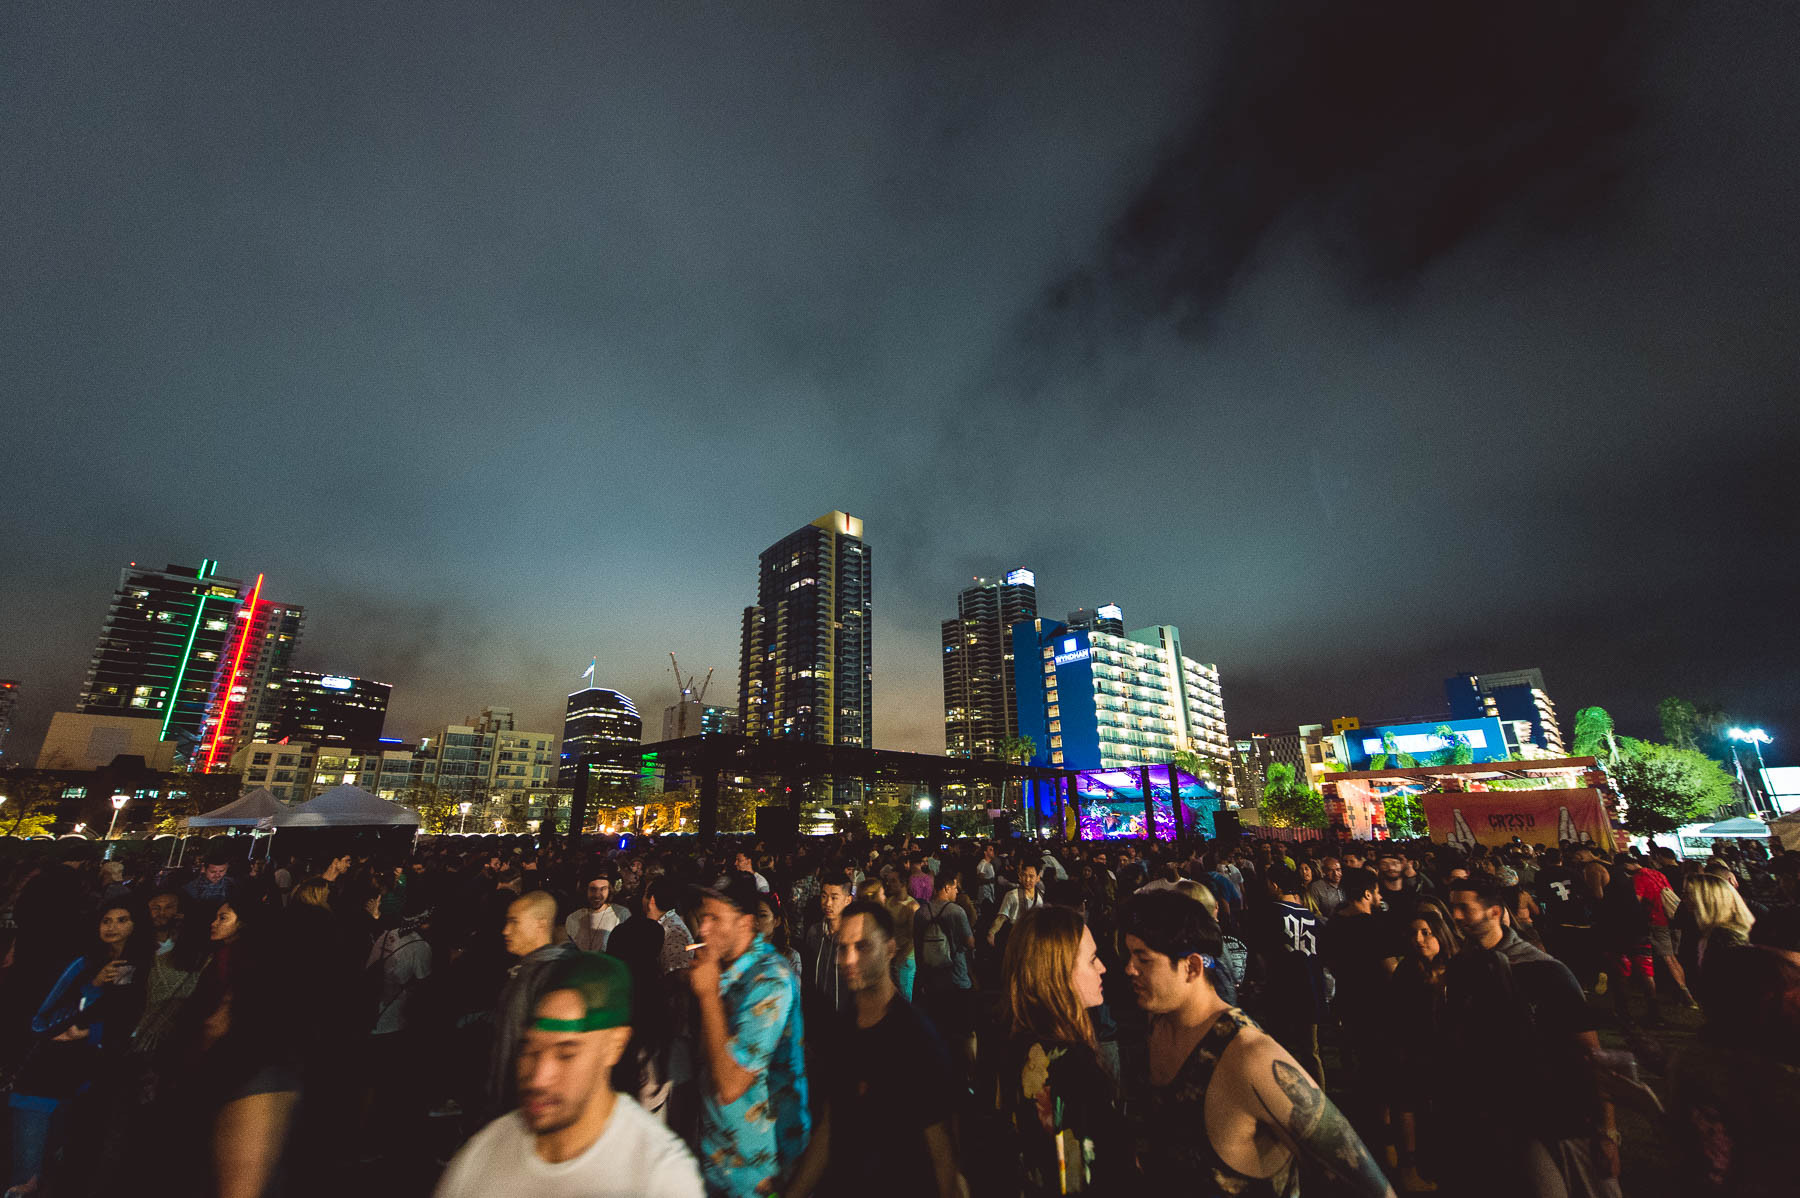 Crssd_Festival_Spring_2016 (31 of 47).jpg